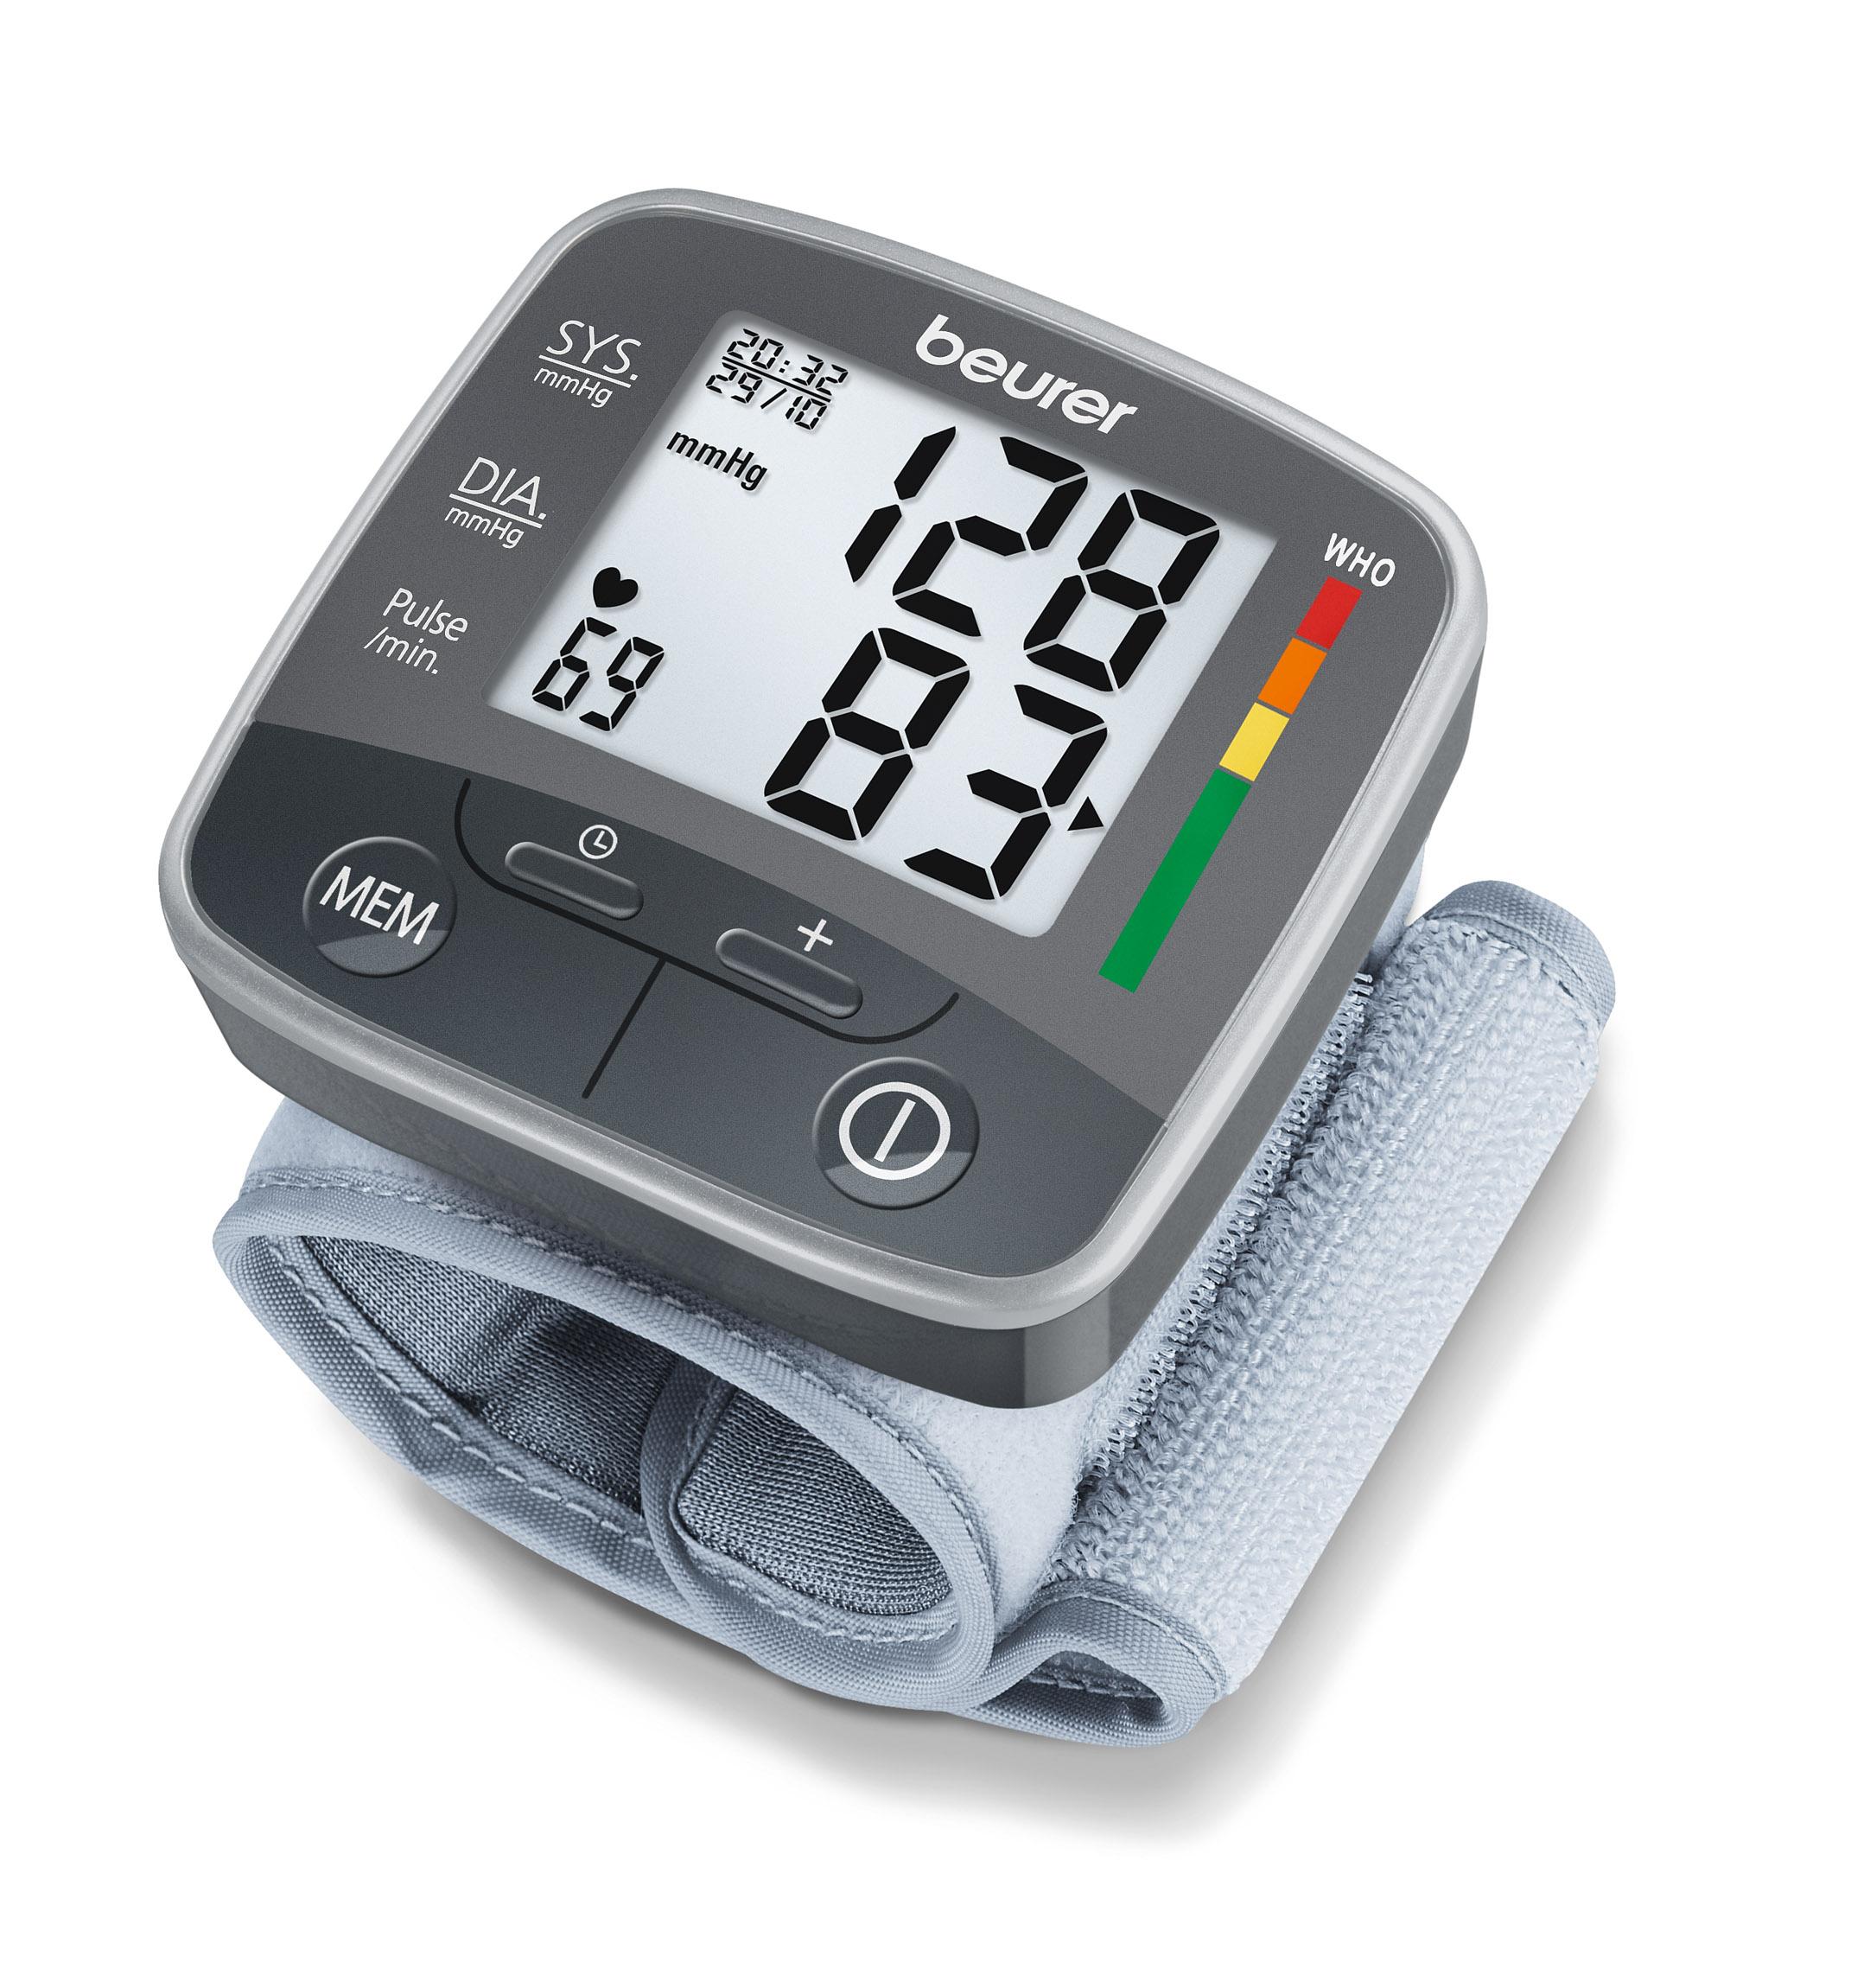 Beurer BC32 asinsspiediena mērītājs